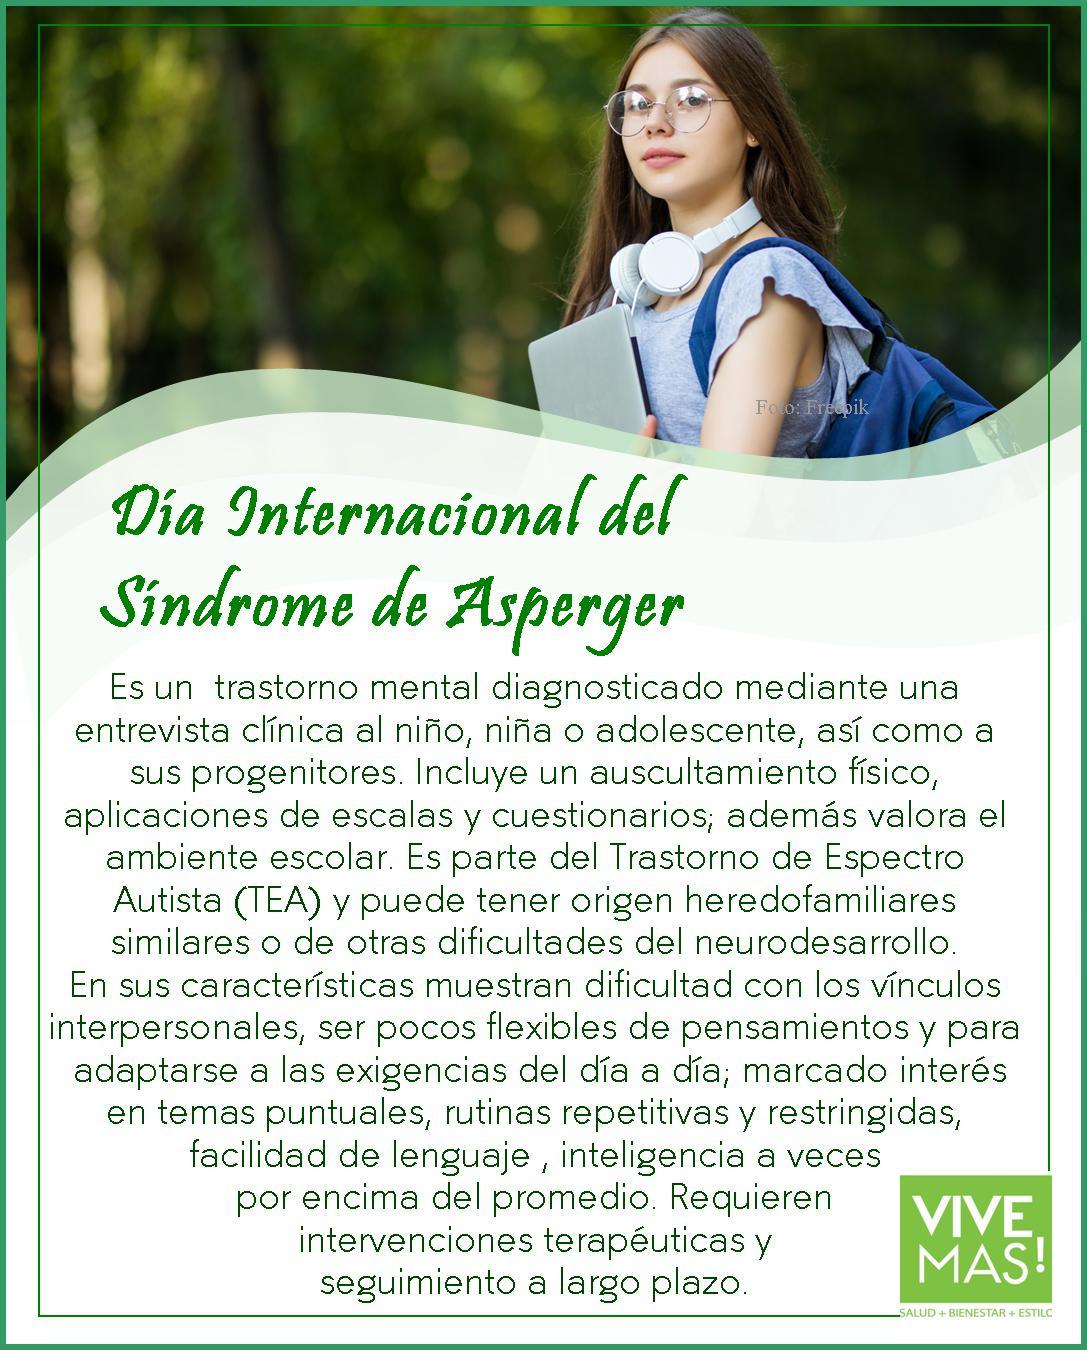 DIA-INTL-SINDROME-DE-ASPERGER-18-FEBRERO-2021